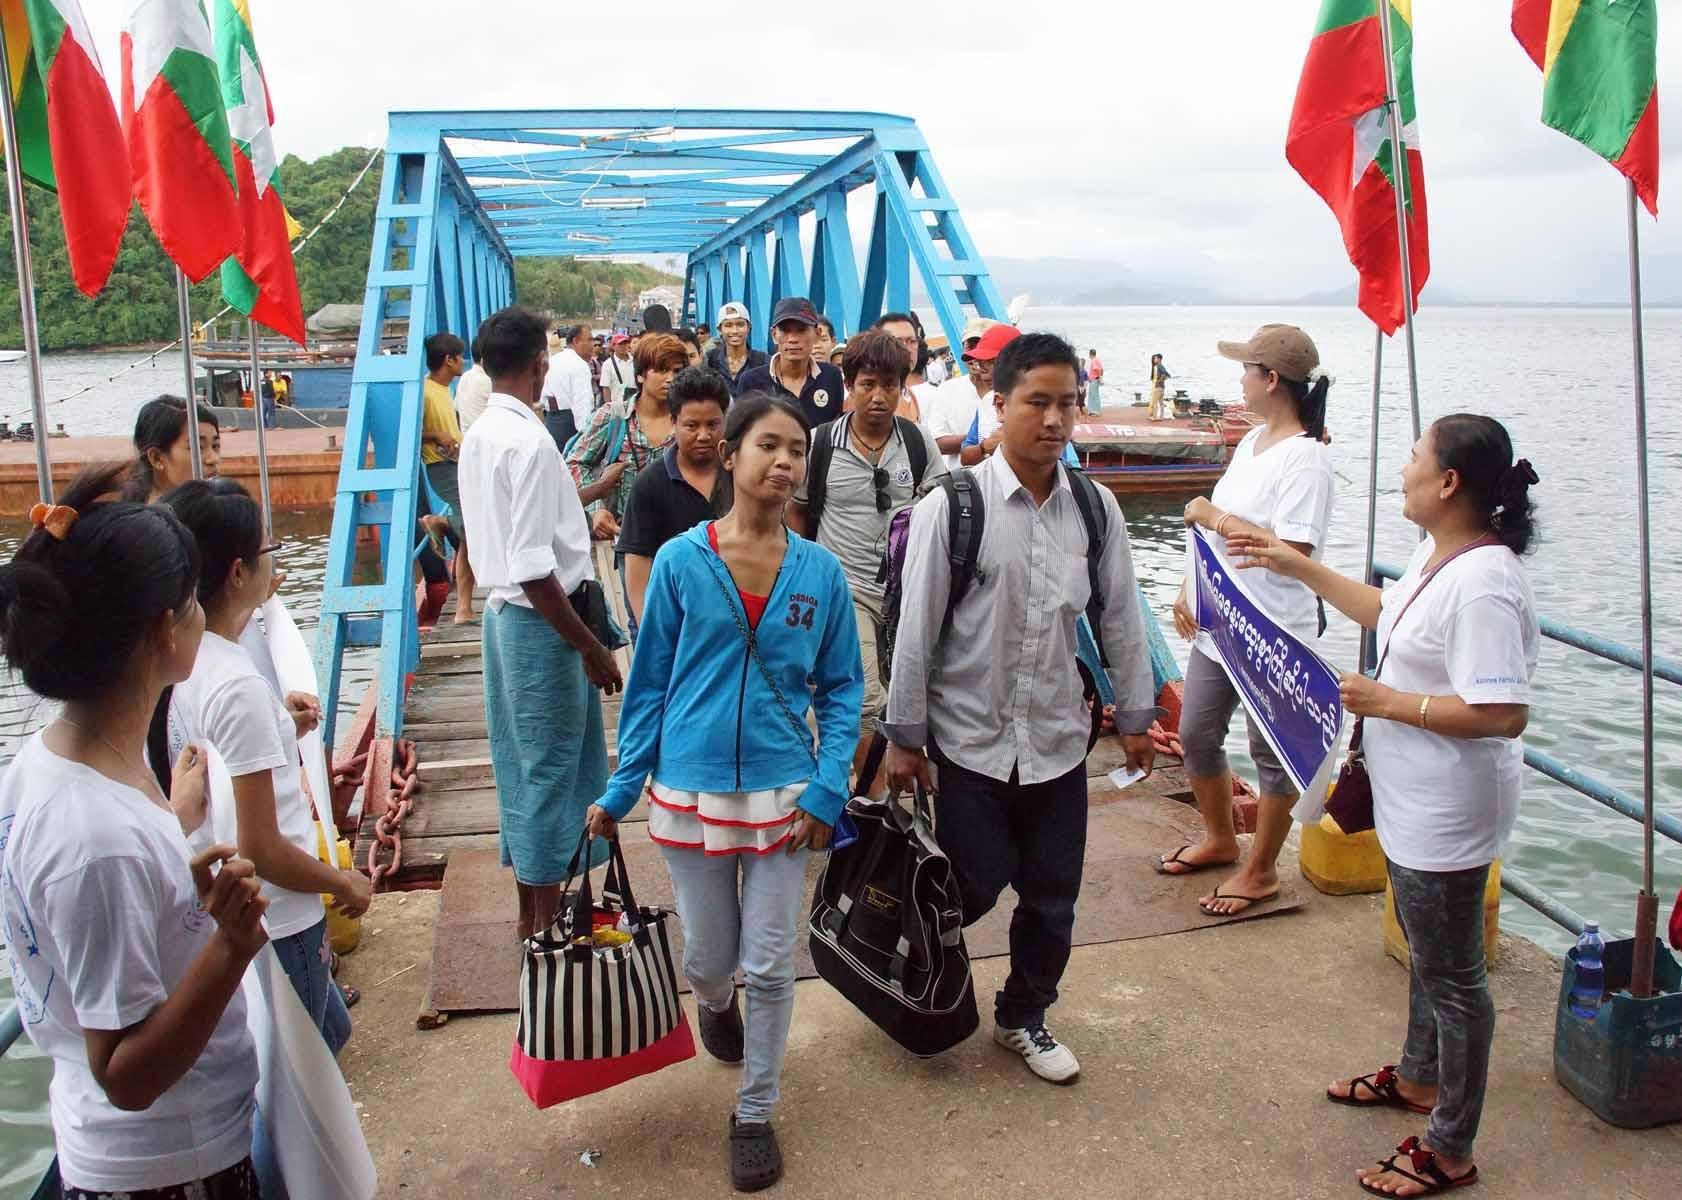 Travailleurs migrants birmans à la frontière avec la Thaïlande à Kawthoung. (Source : Global New Light of Myanmar)